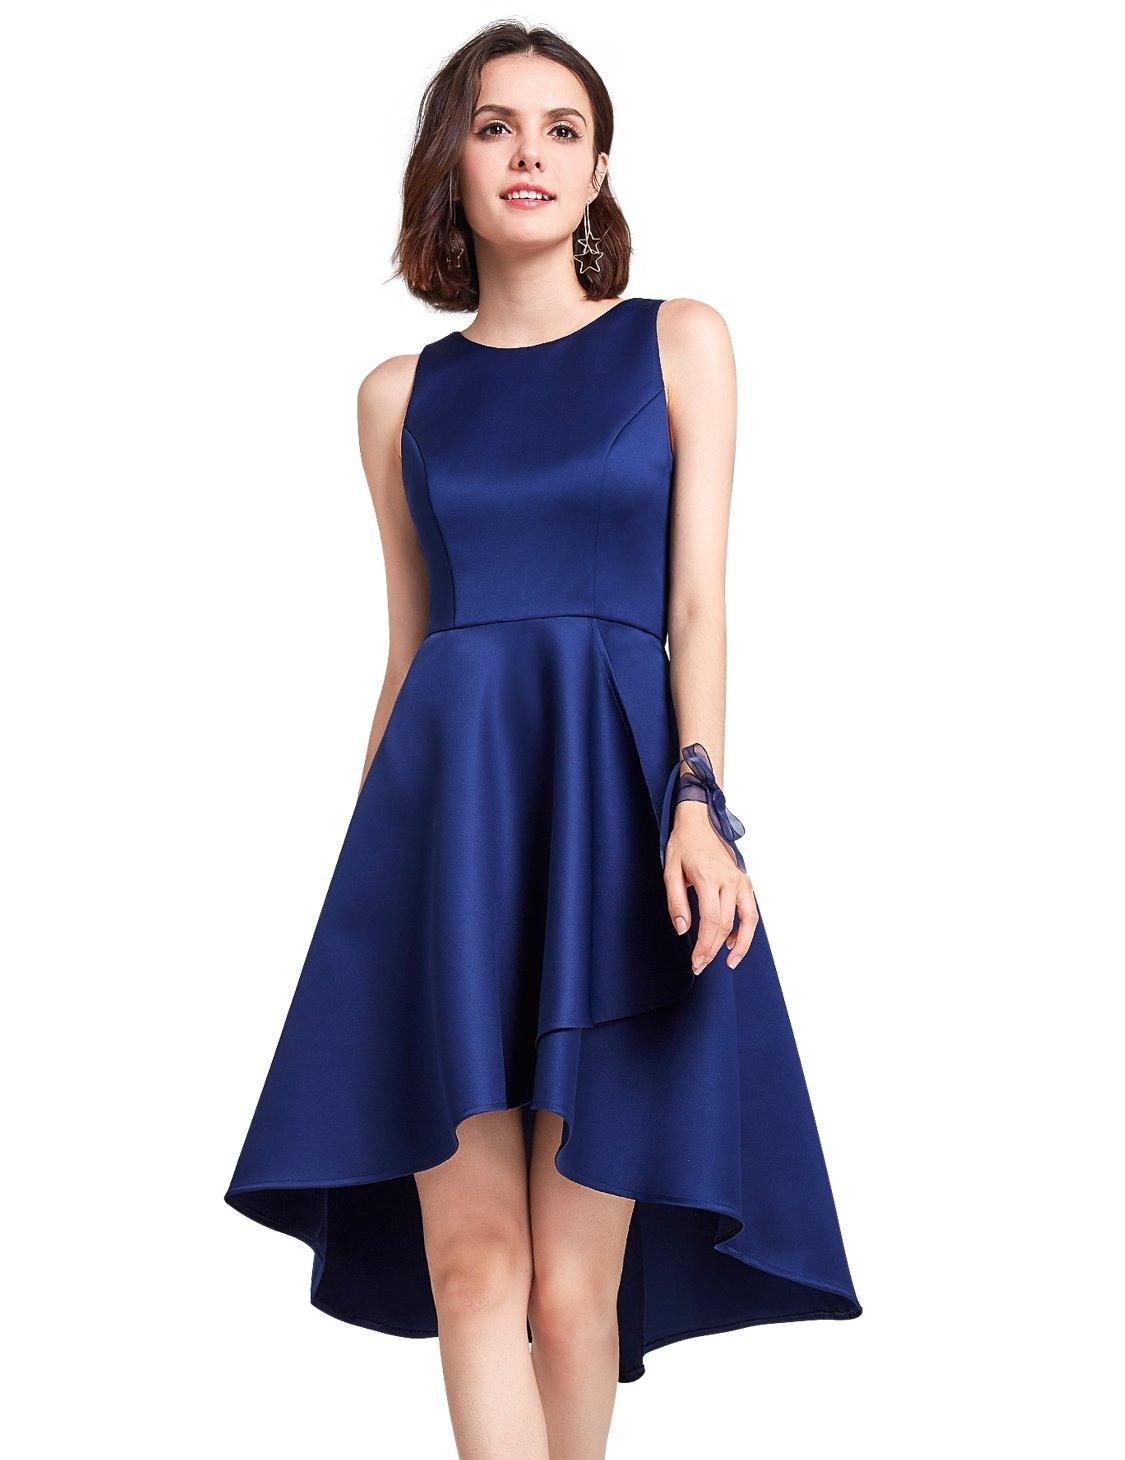 13 Cool Ärmellose Kleider Knielang Spezialgebiet20 Genial Ärmellose Kleider Knielang Boutique